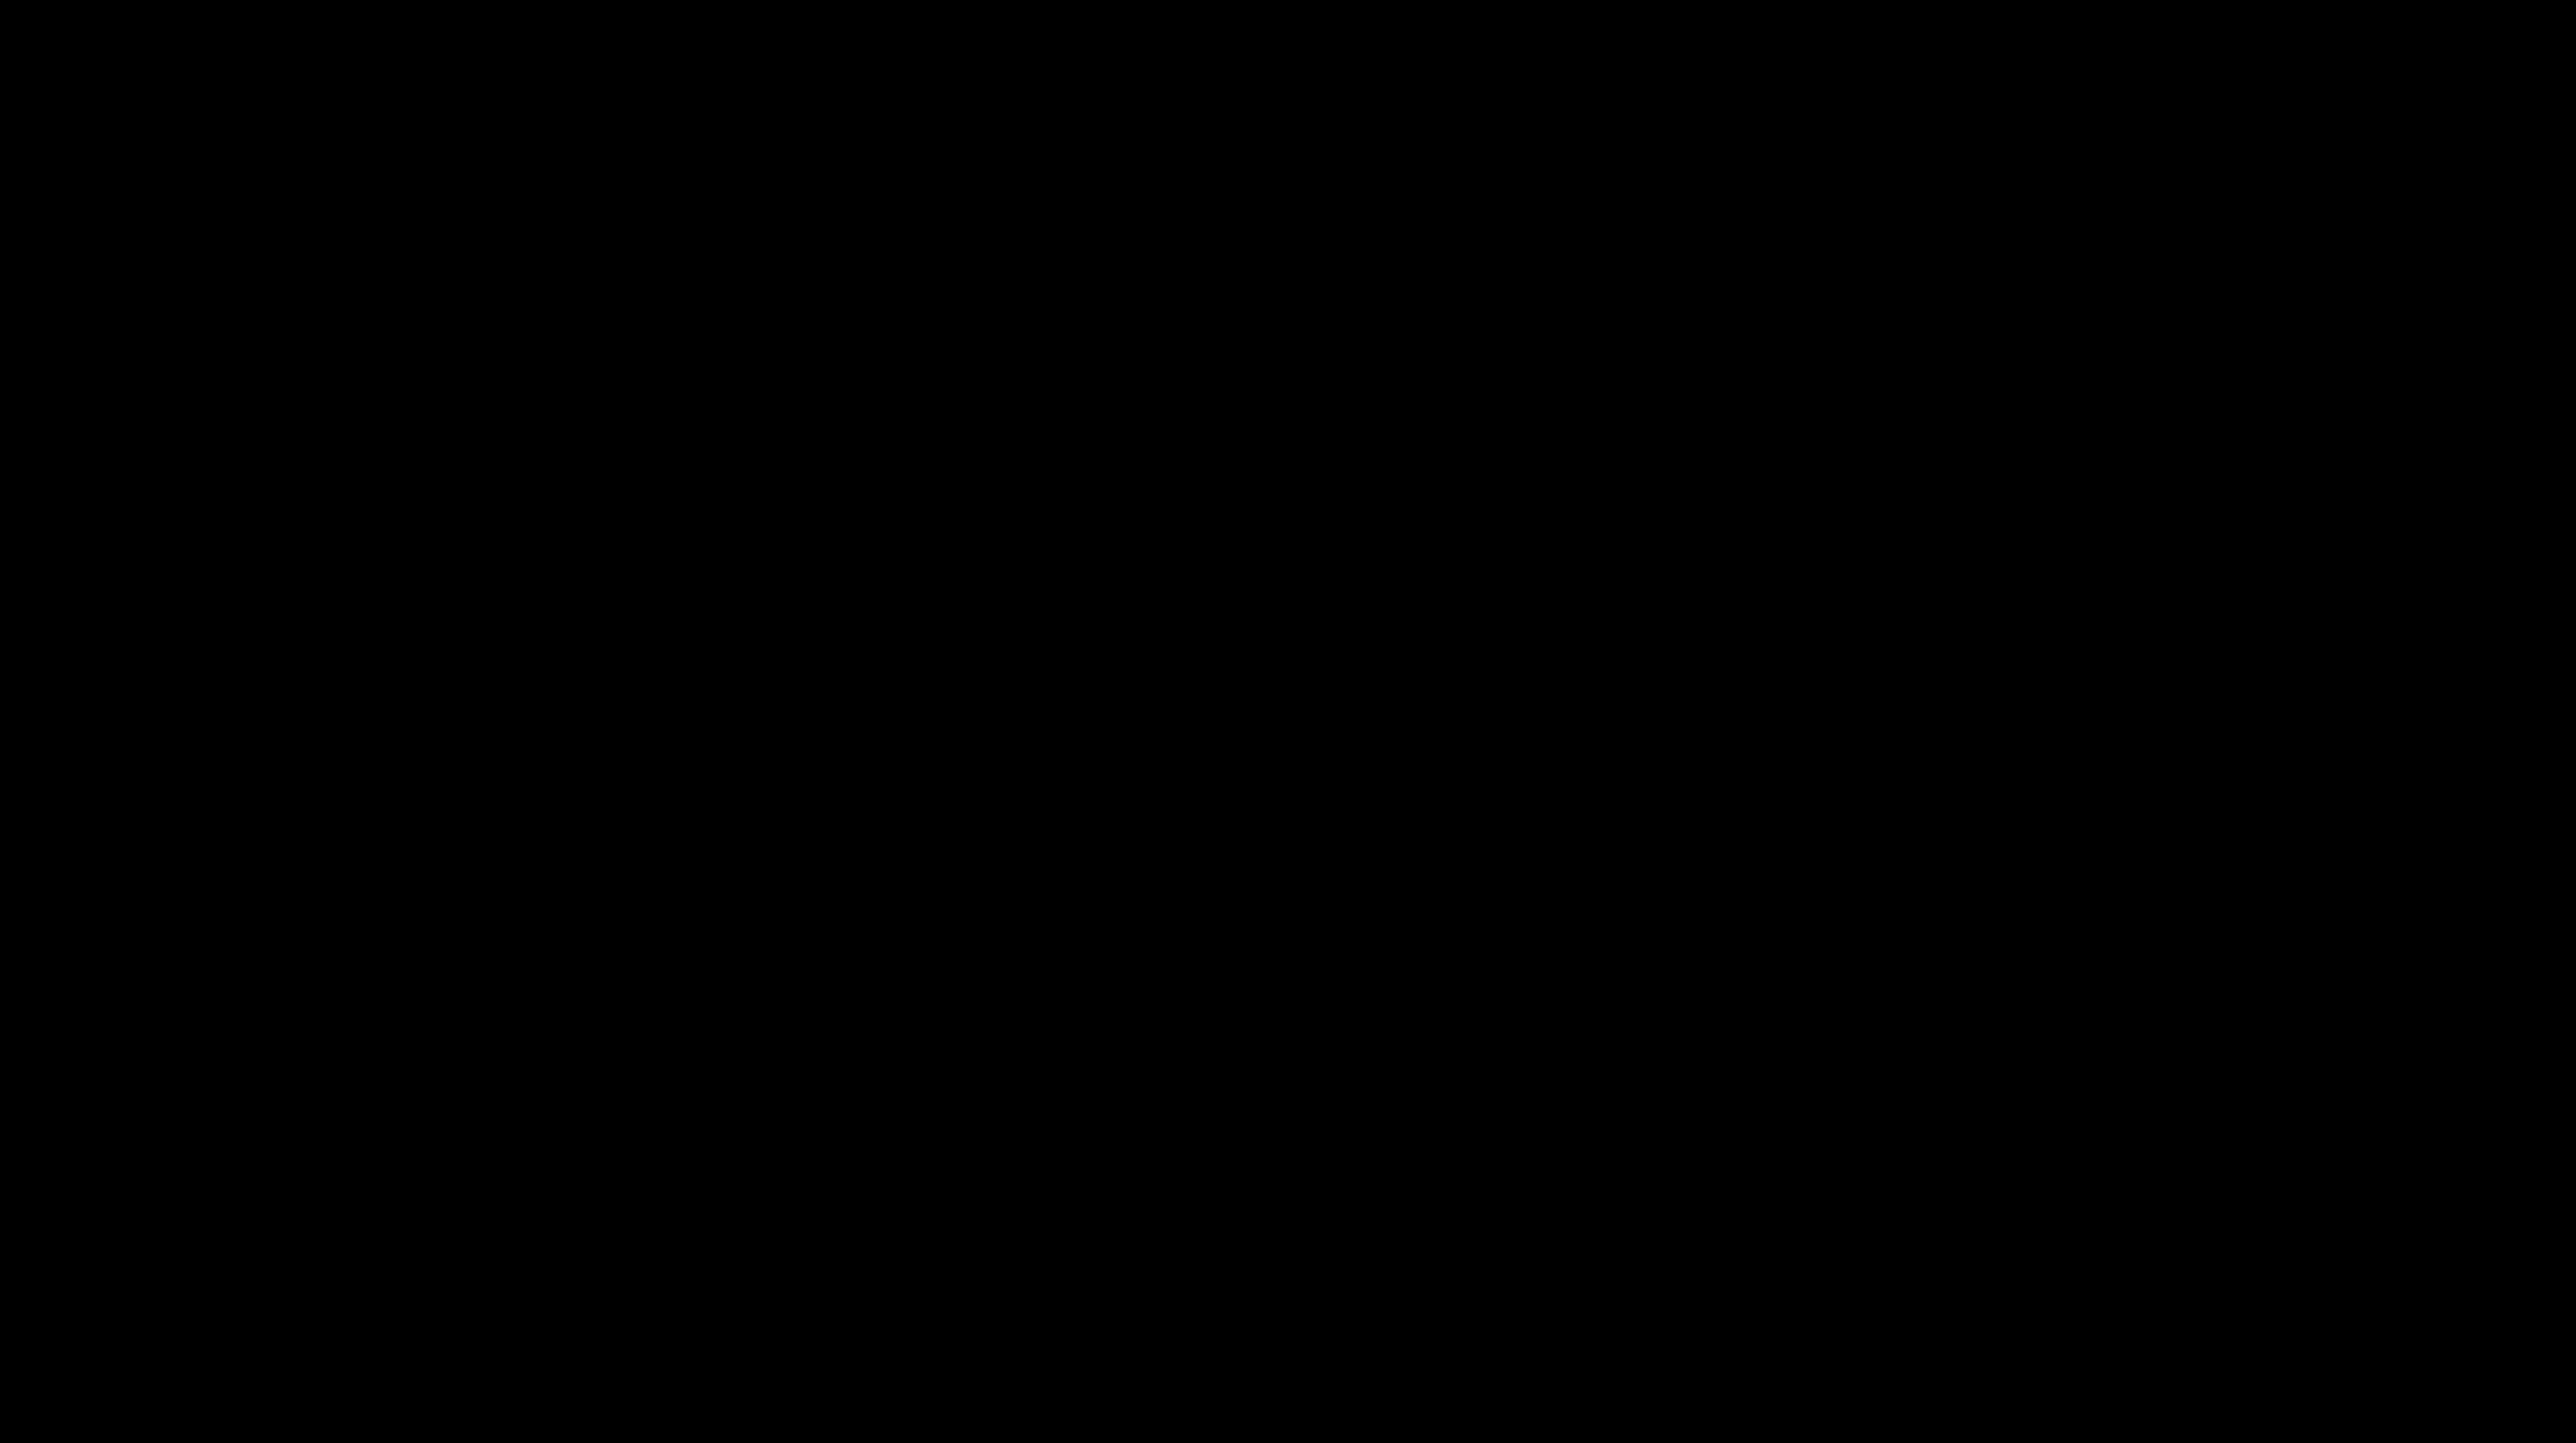 Blackfin argyle